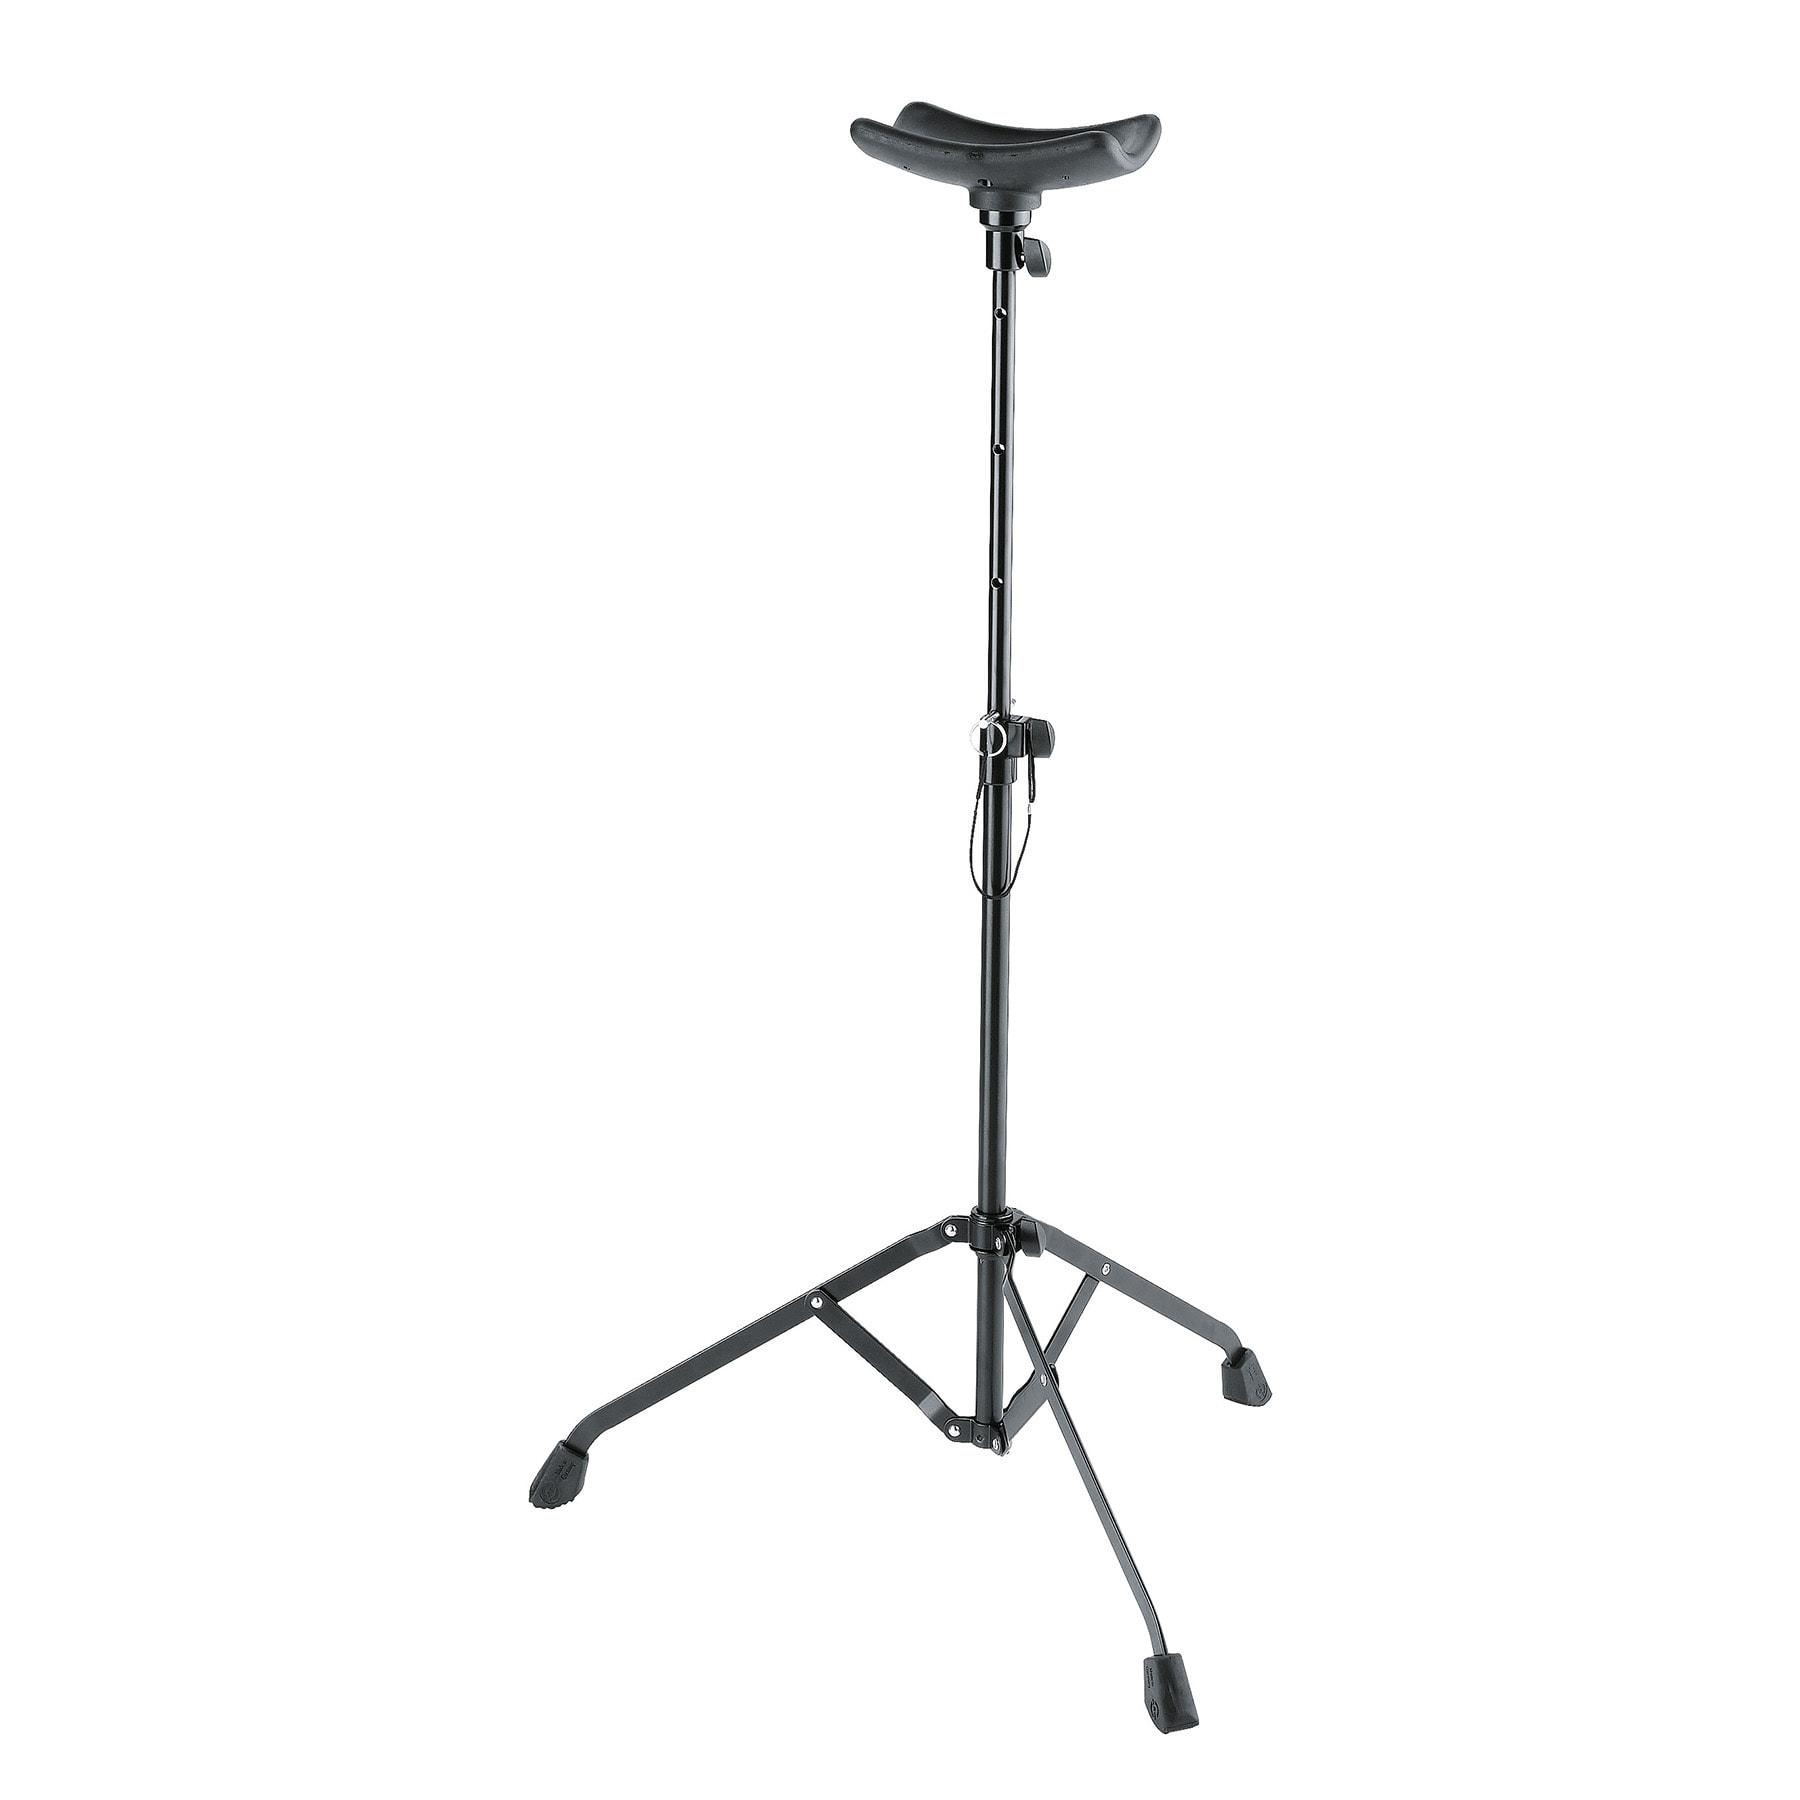 KM14951 - Tuba performer stand